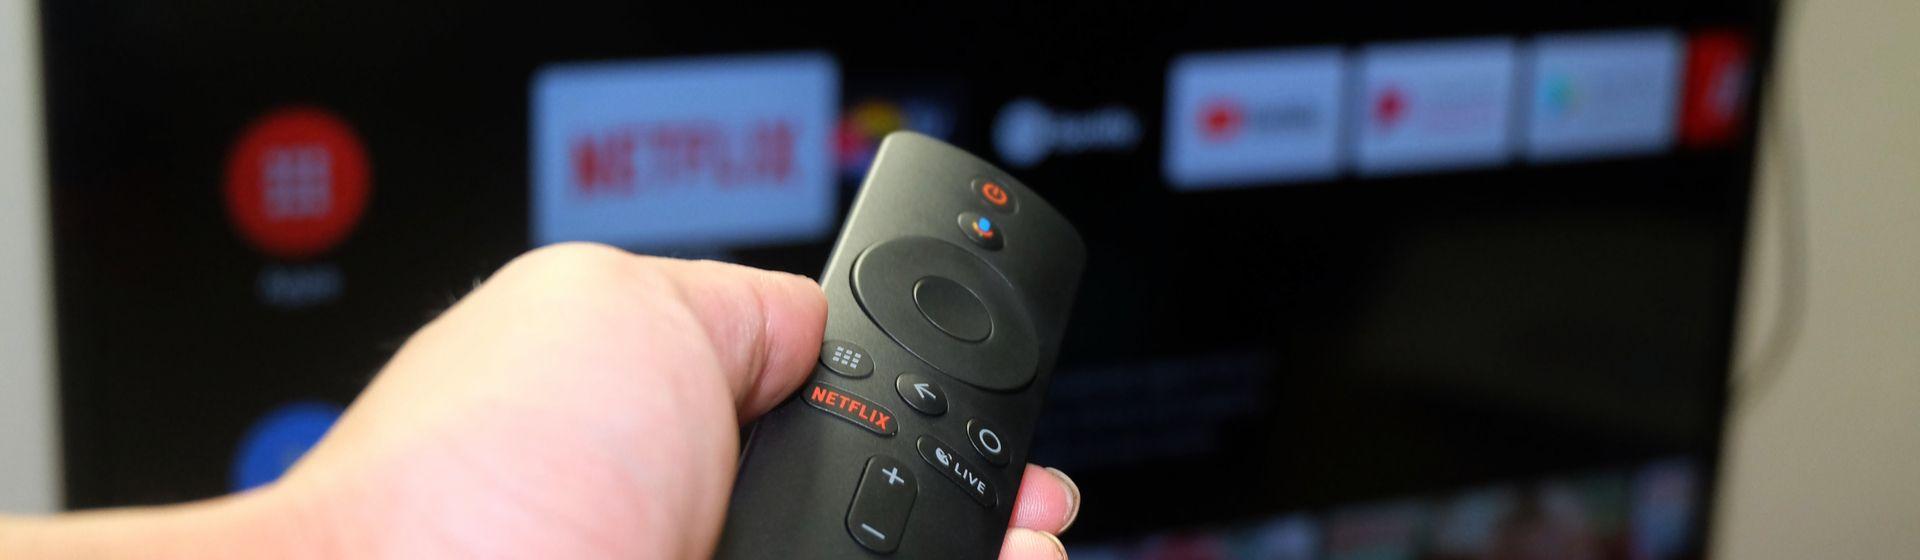 Como instalar TV box 4K: confira o passo a passo